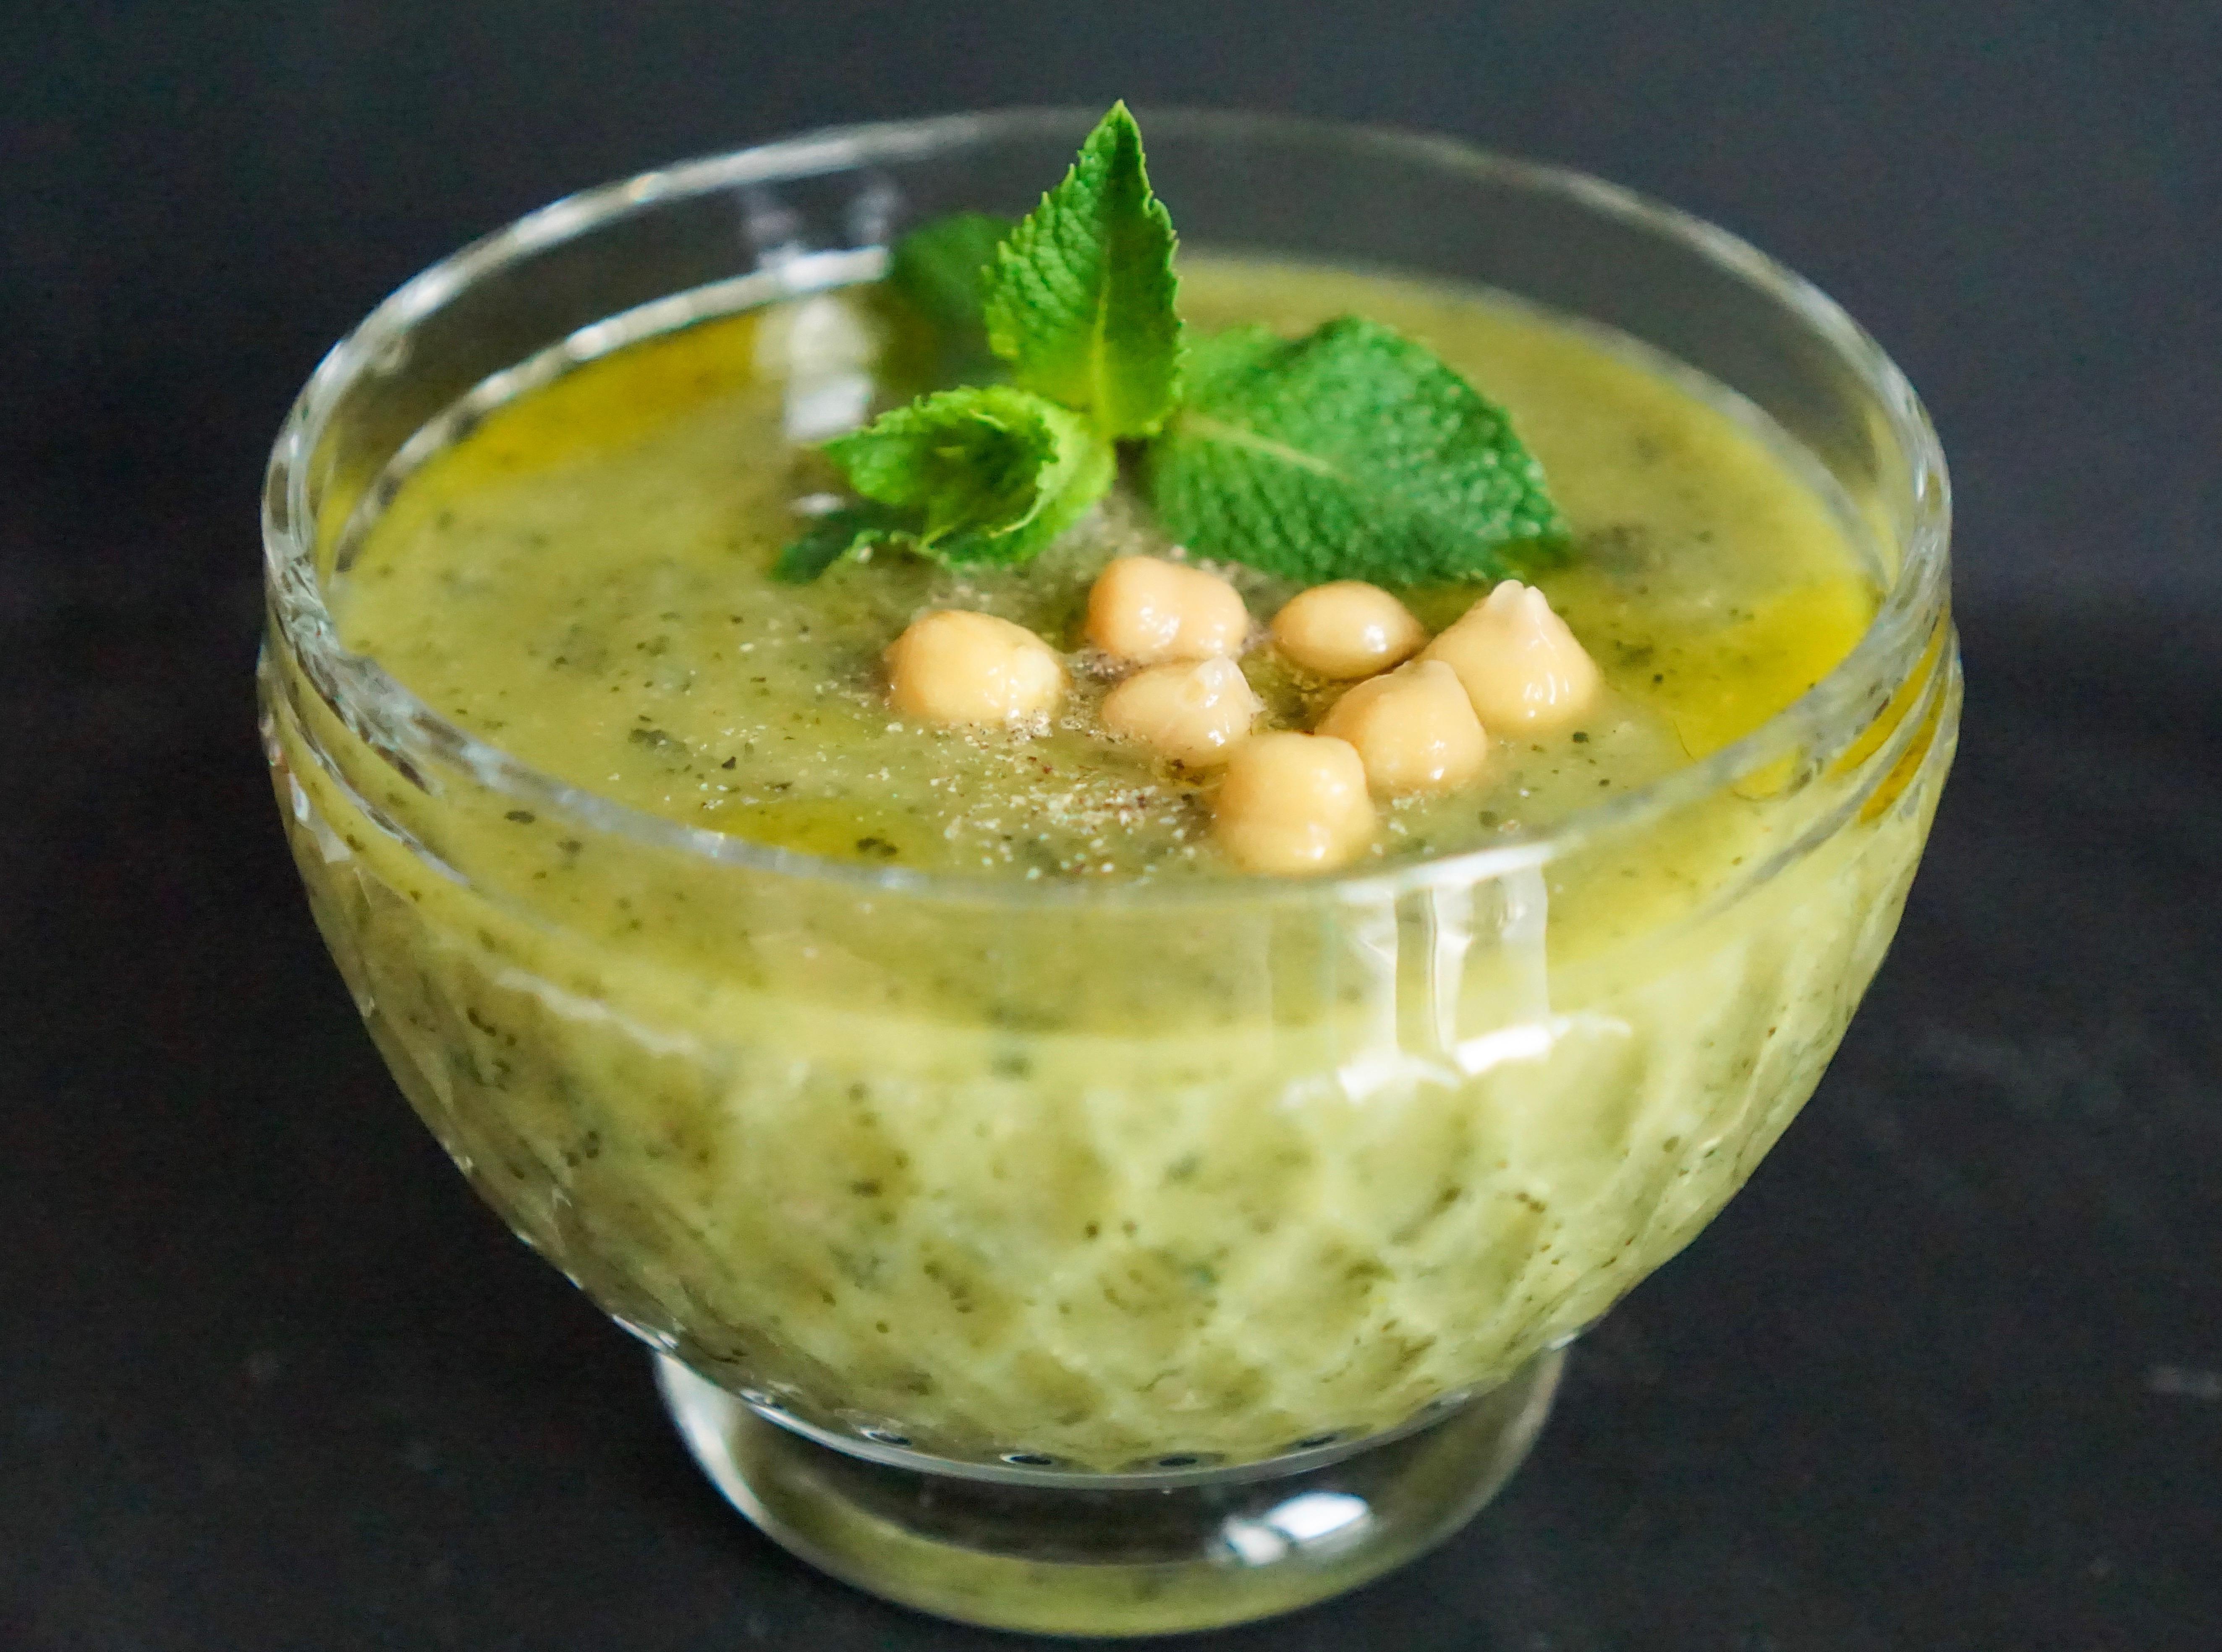 Soupe froide courgettes pois chiche menthe recette estivale